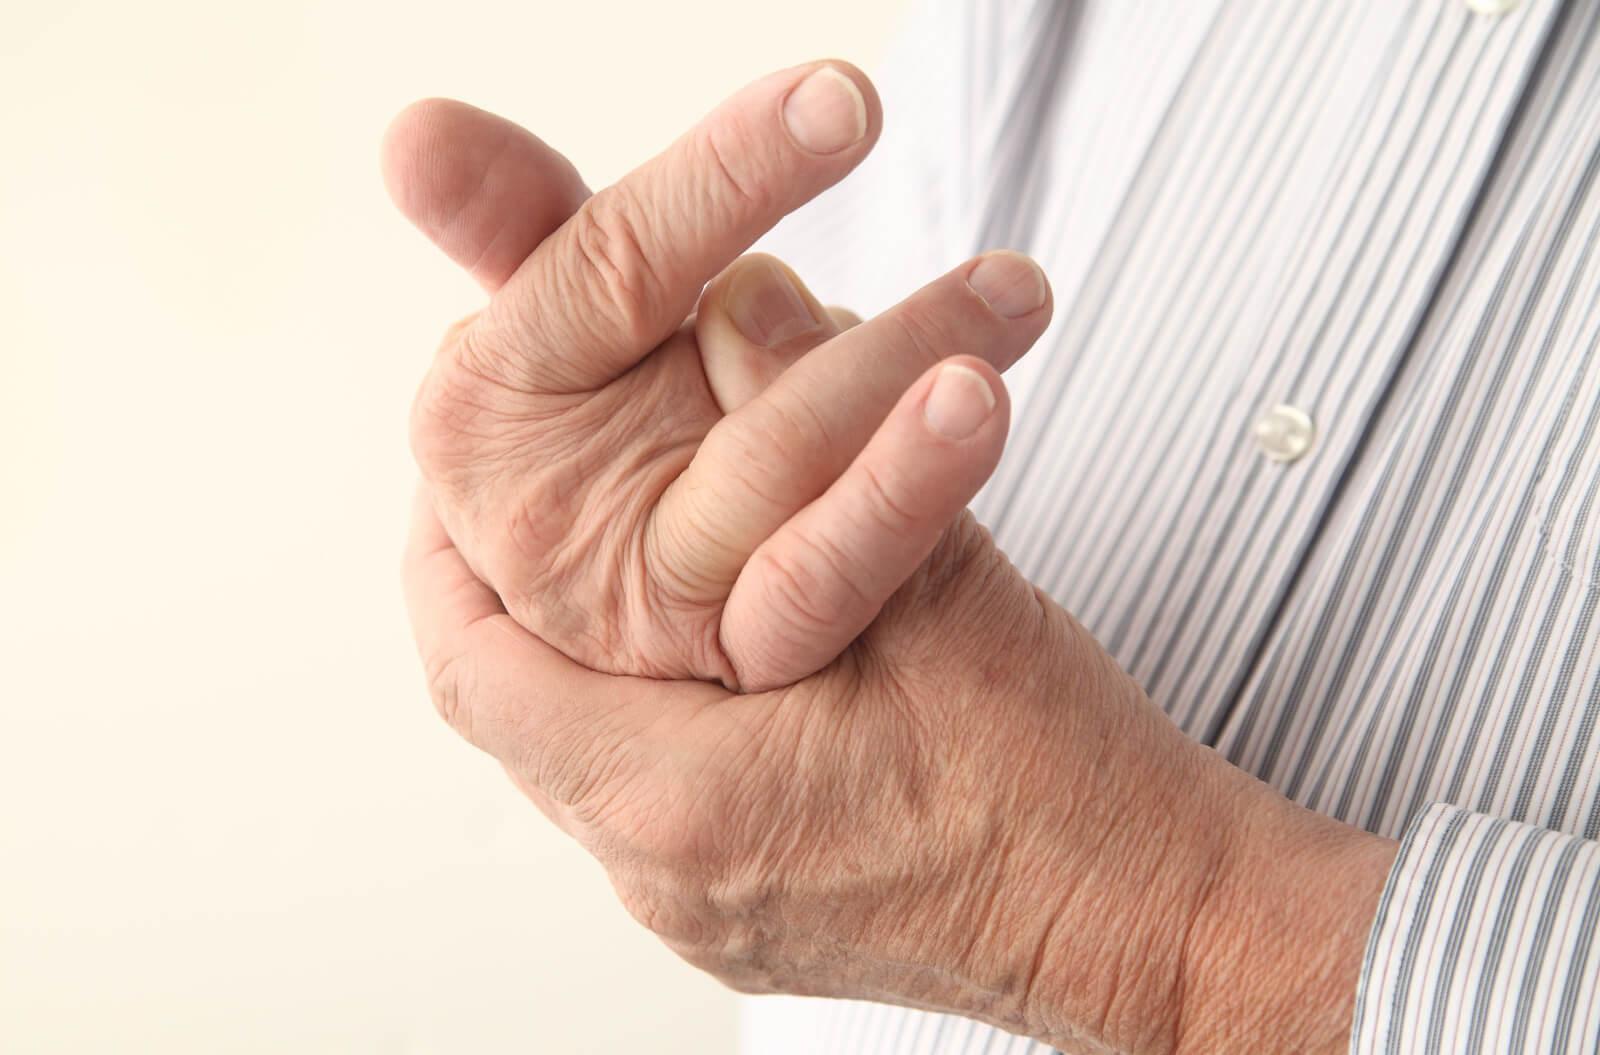 От чего могут неметь пальцы рук: причины и возможные заболевания